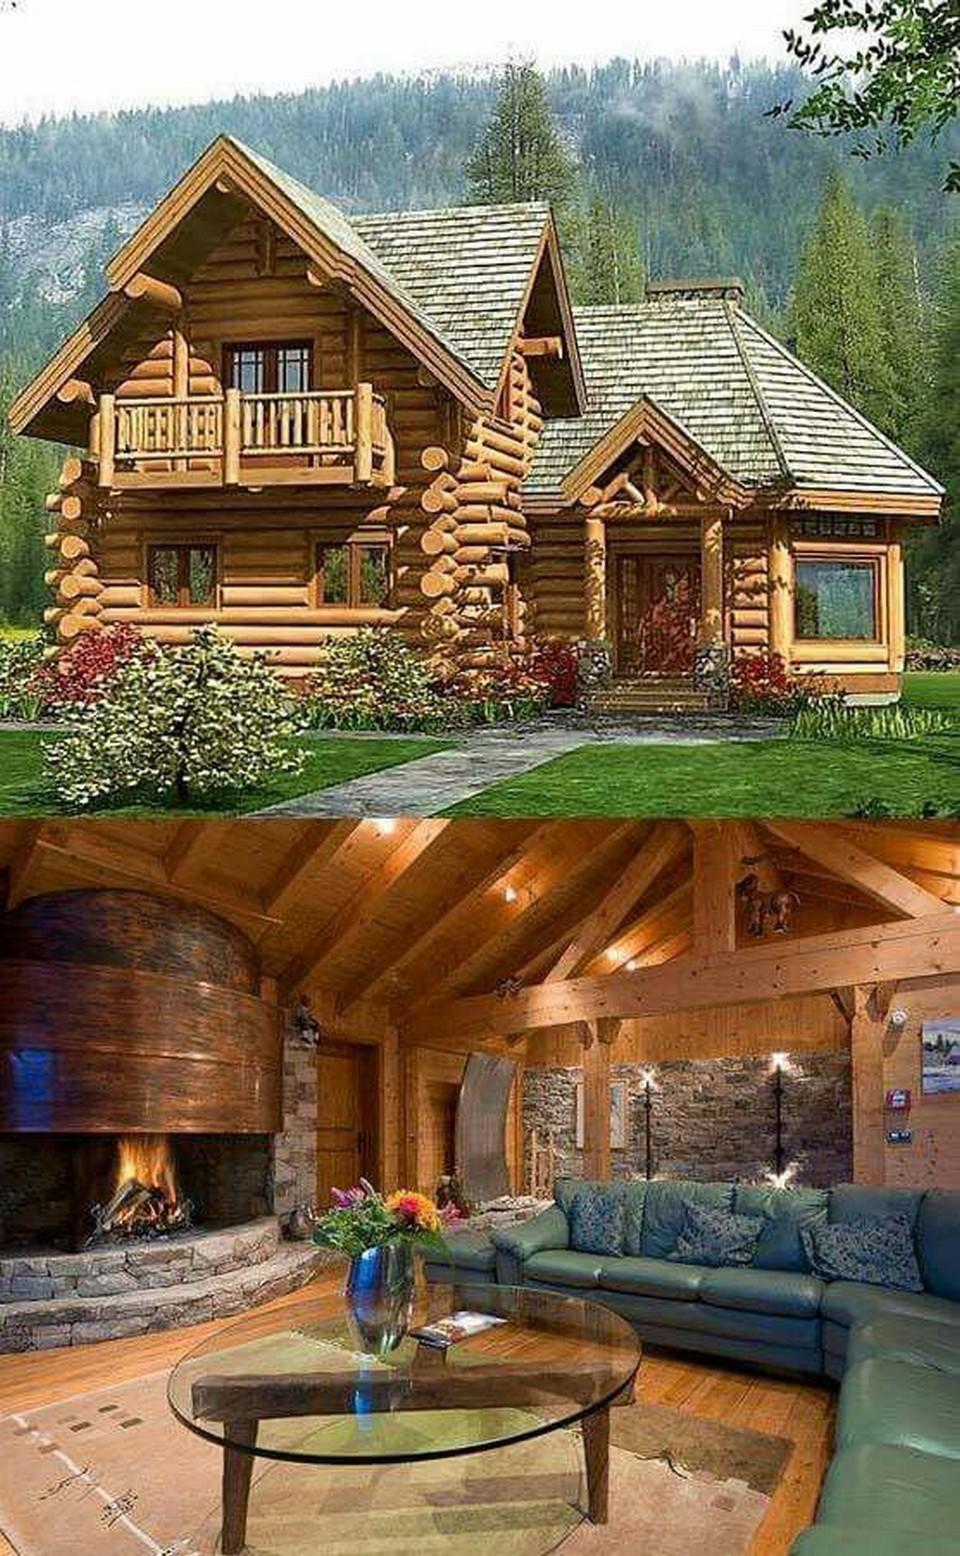 Căn nhà gỗ thiết kế giản đơn huyền ảo như trong những câu truyện cổ tích